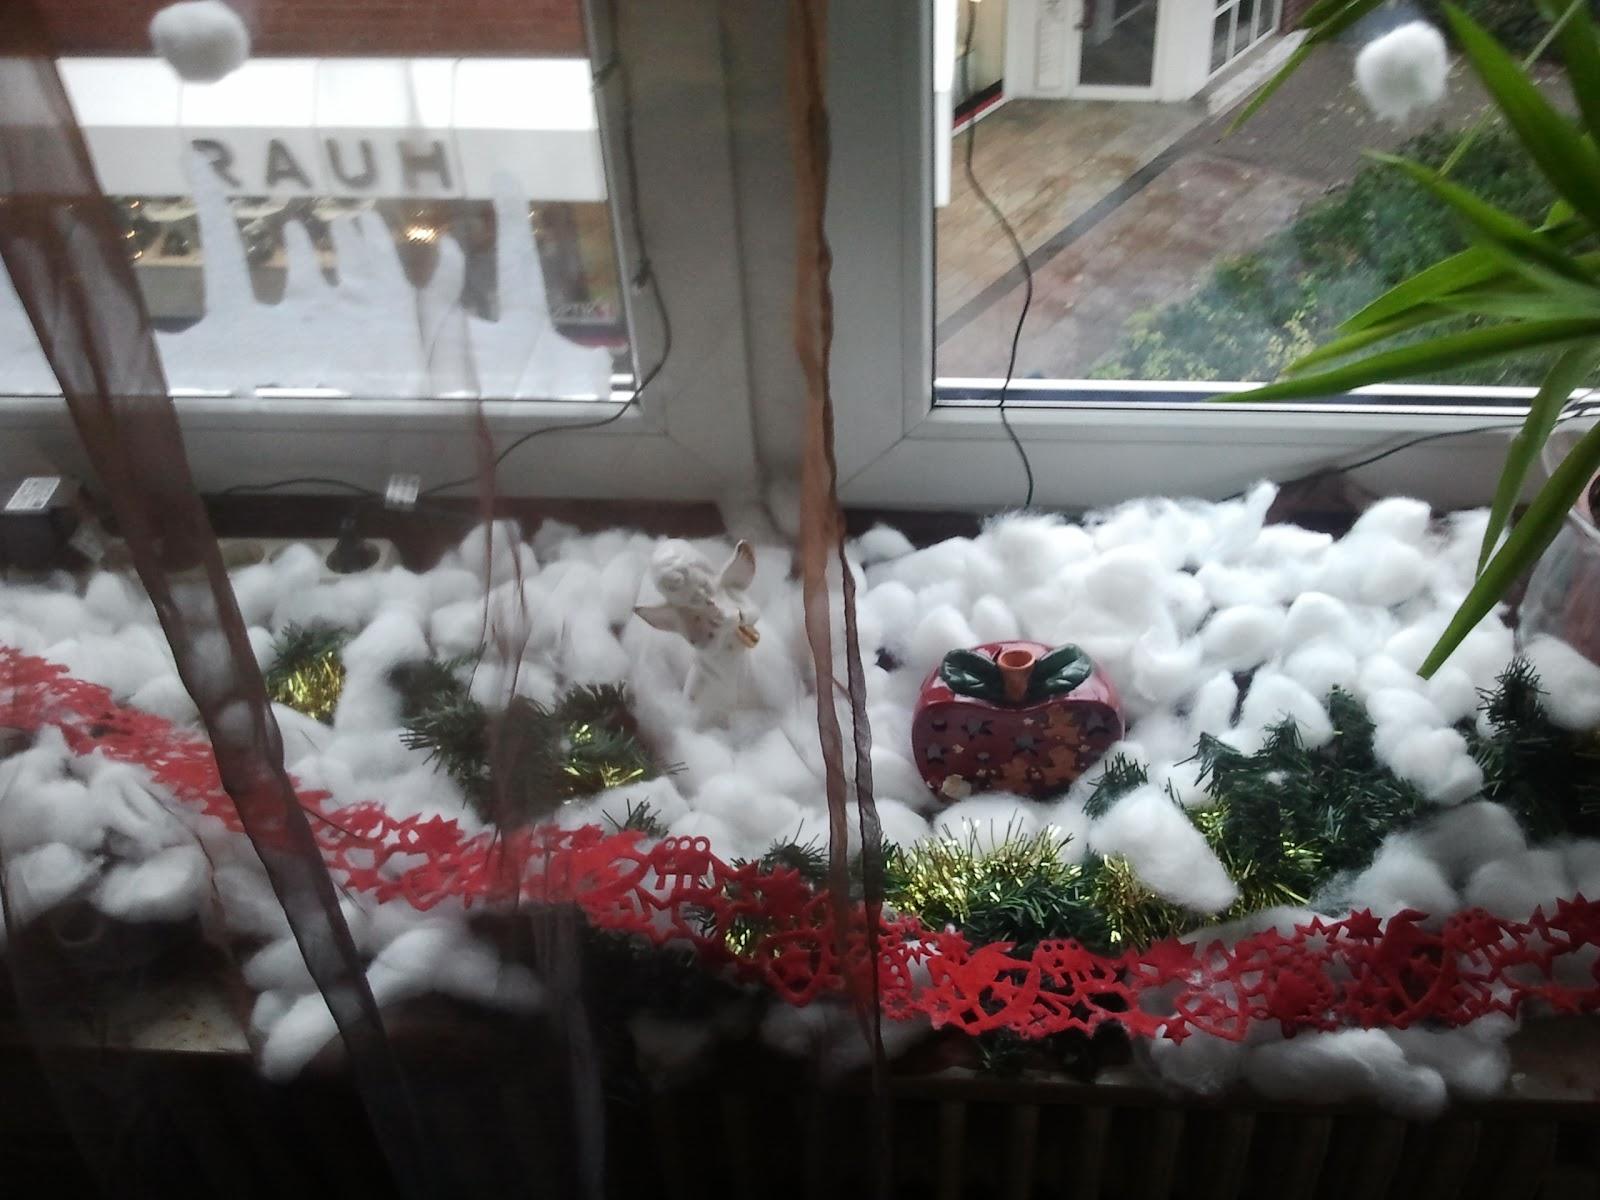 Weihnachtsdeko Watte.נαcqυєℓιηє Meine Weihnachtsdeko